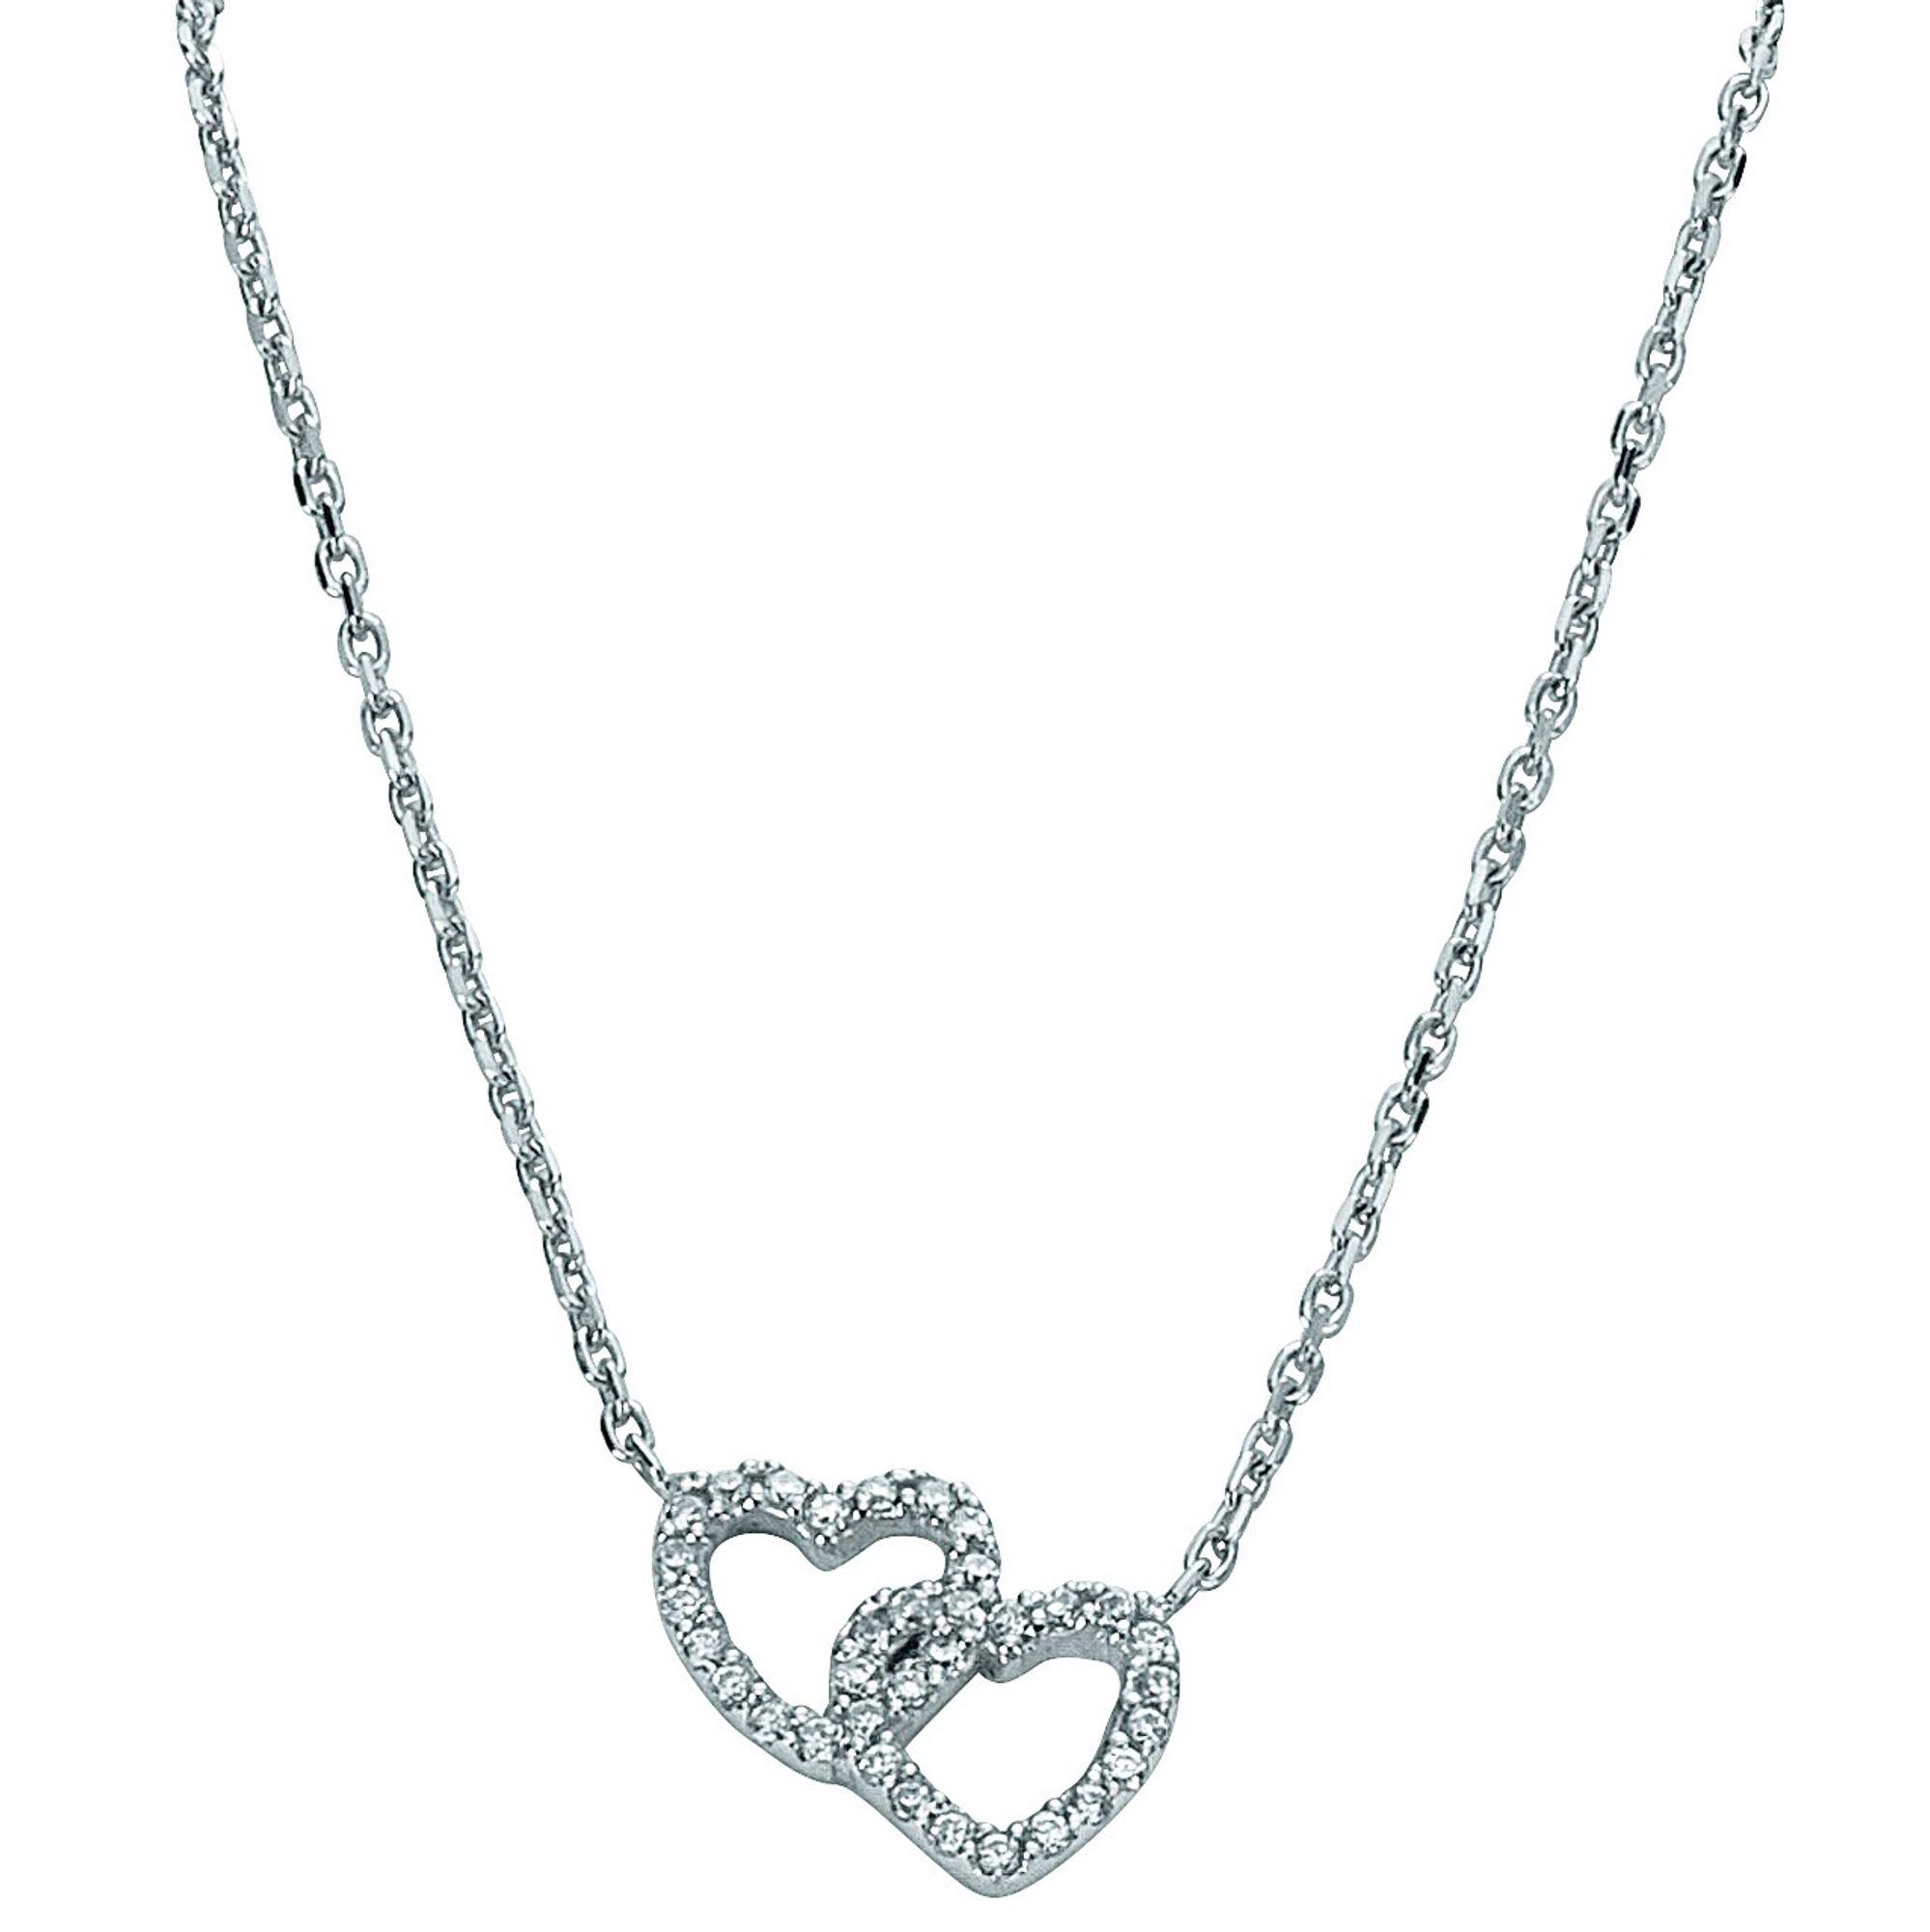 Basic Silber 11.EX106 Damen Collier Herz Silber Zirkonia weiß 42,5 cm